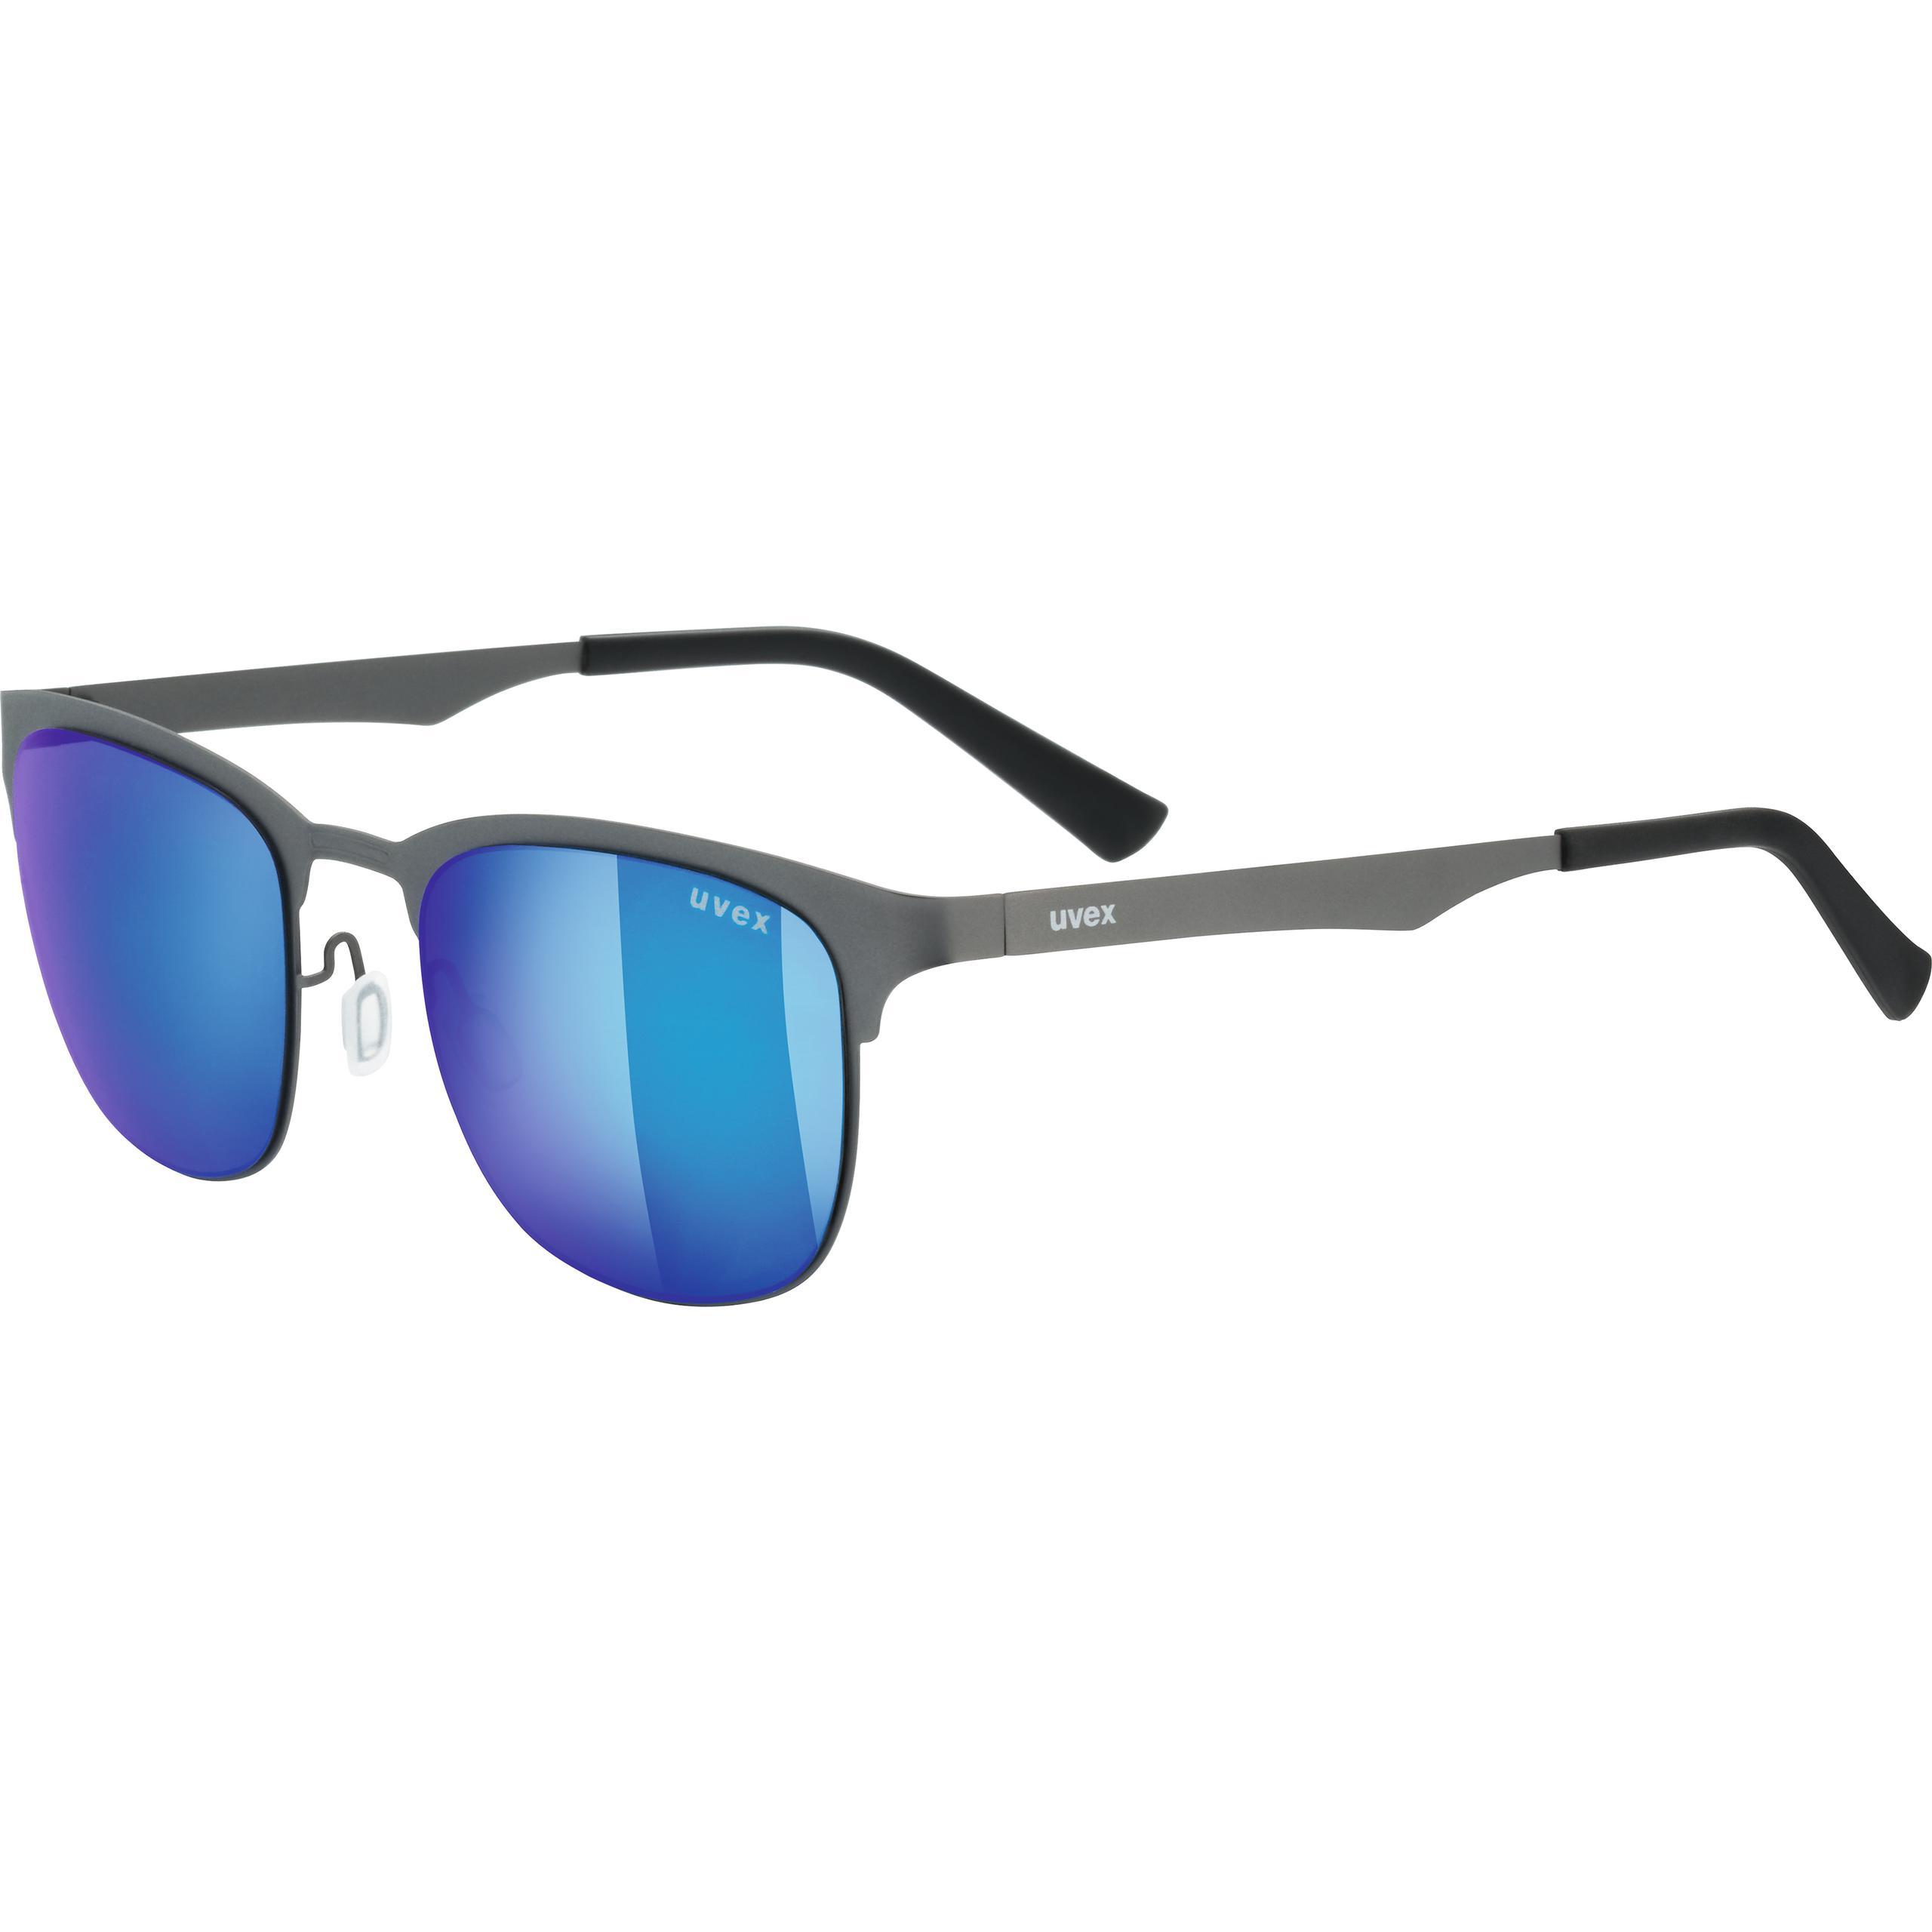 uvex lgl 41 Sportbrille Lifestyle Sonnenbrille UV-Schutz Sommer Brille S53203188